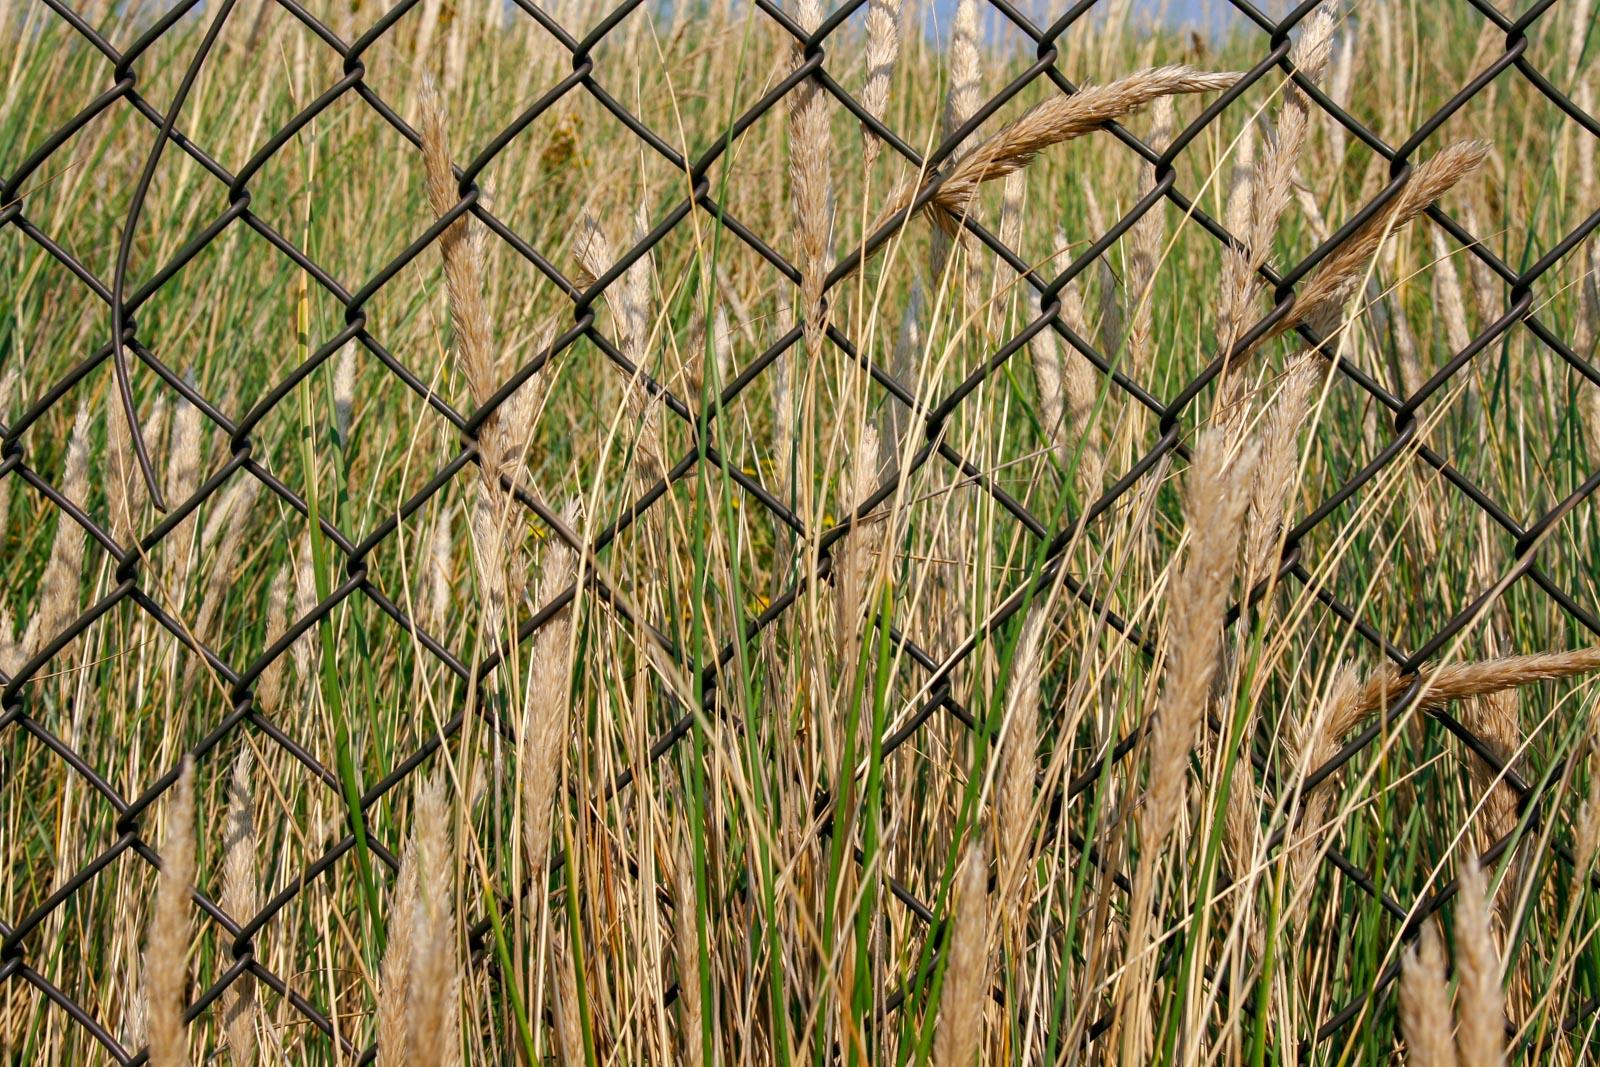 Grasstengels achter een hek